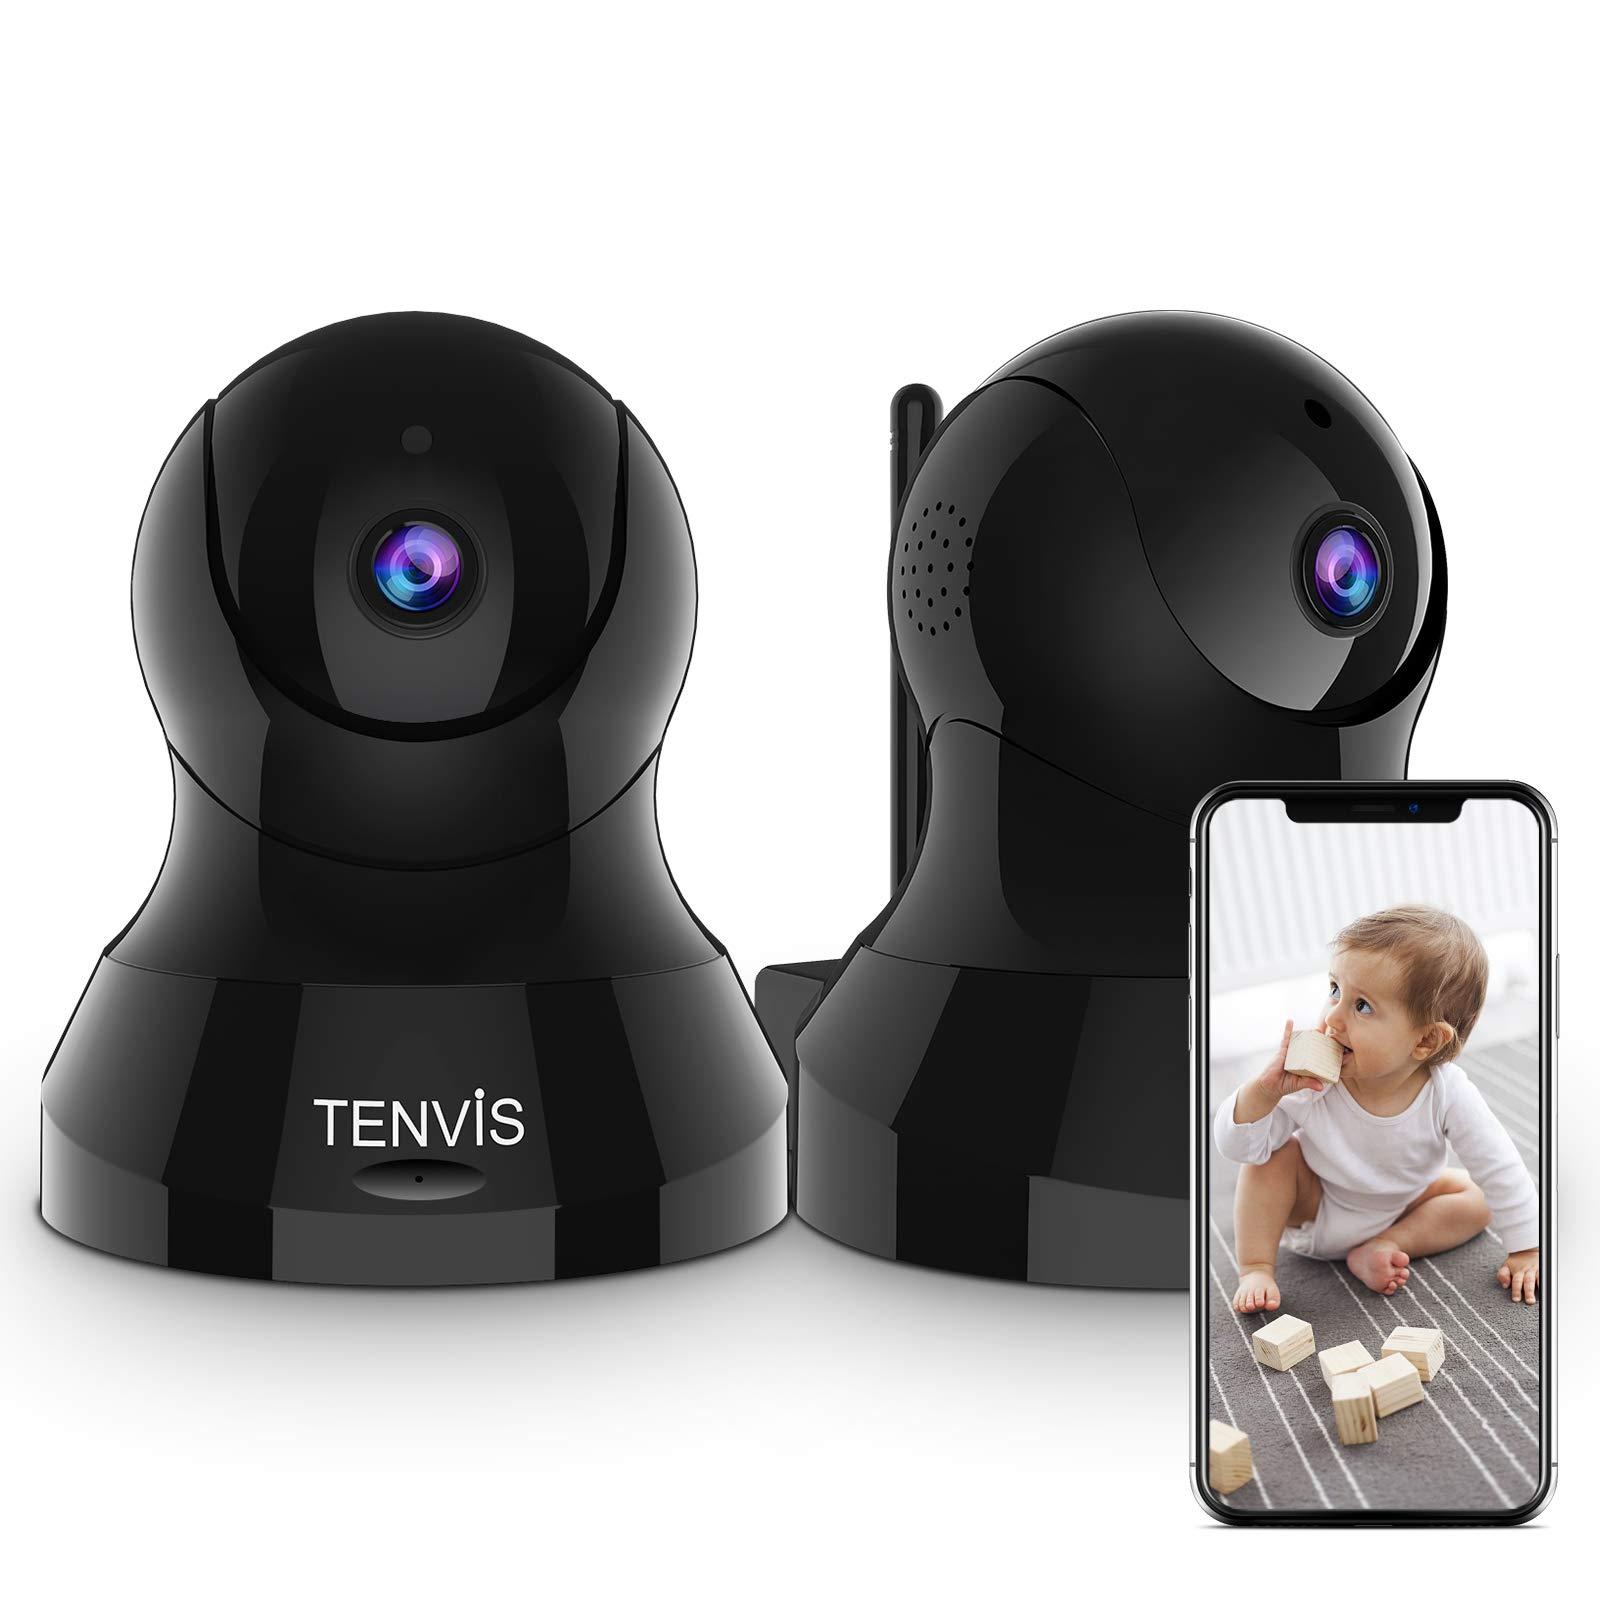 TENVIS Home Pet Camera, FHD Indoor Video Surveillance System, Sound/Motion Detection   355° Pan/Tilt, 2-Way Audio, Smart App   Family & Pet Friendly